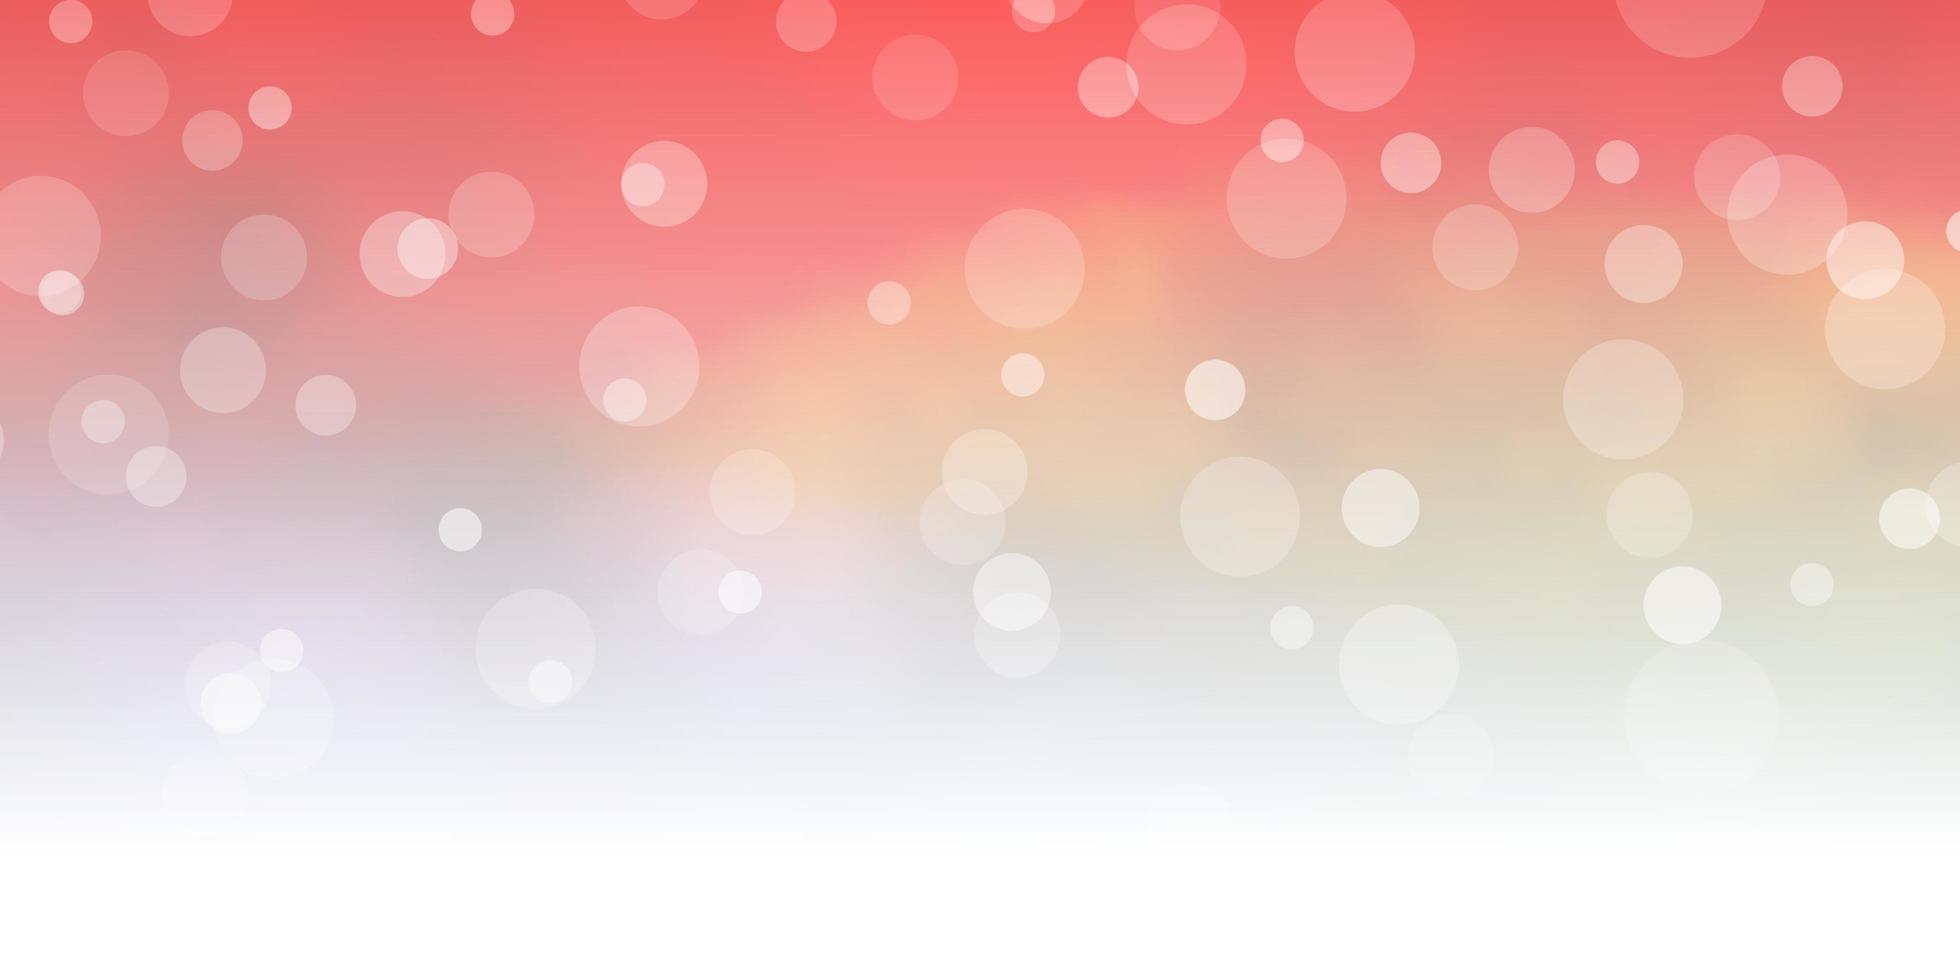 sfondo vettoriale rosso scuro, giallo con cerchi.